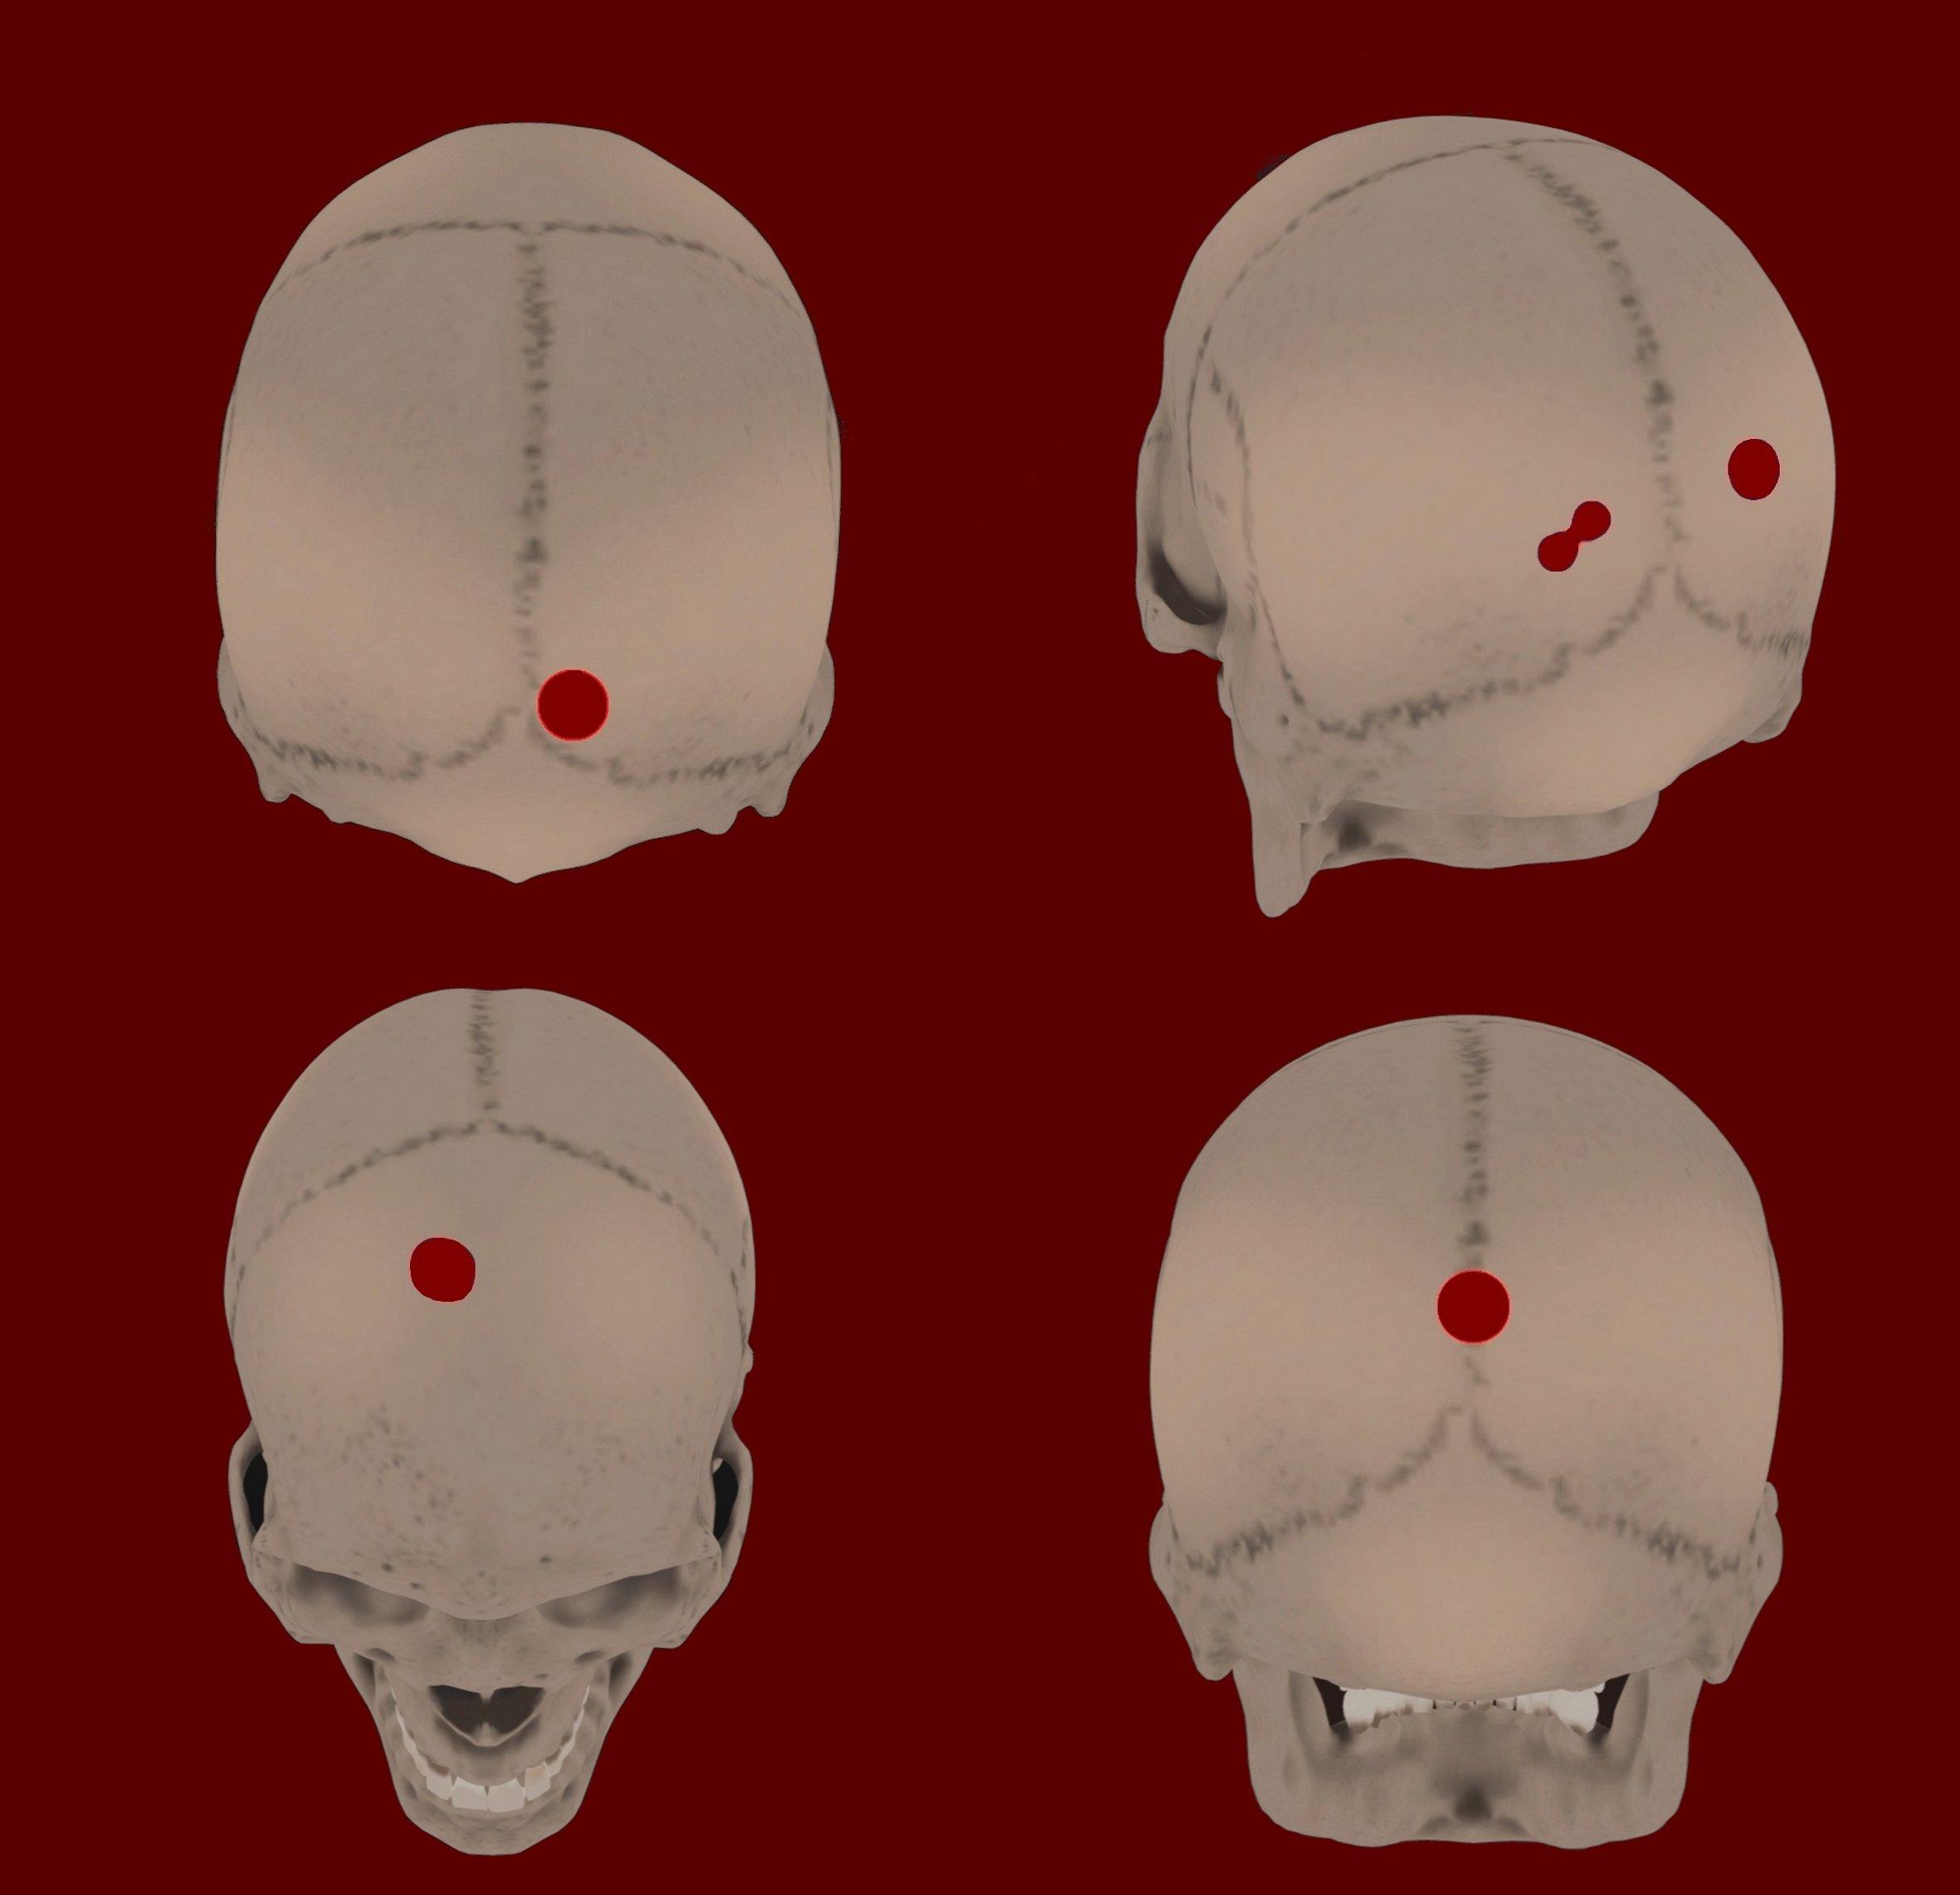 Diagramación de los cráneos encontrados con puntos que señalan los orificios